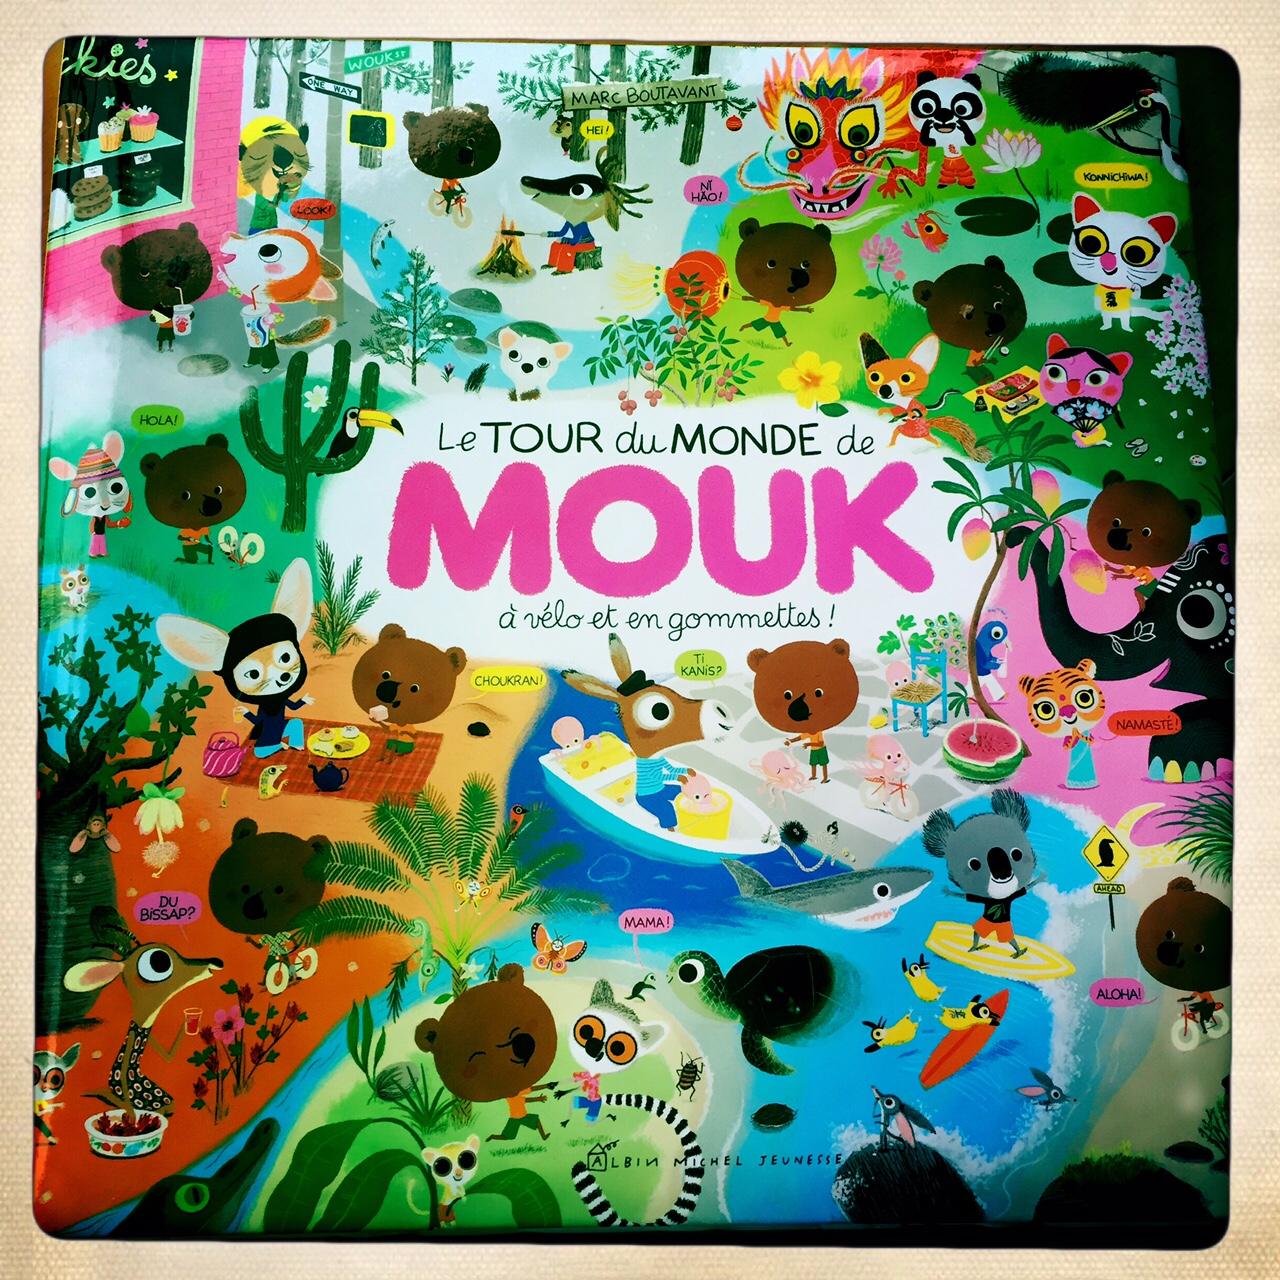 Le tour du monde de mouk pmgirl for Livre les maisons du monde